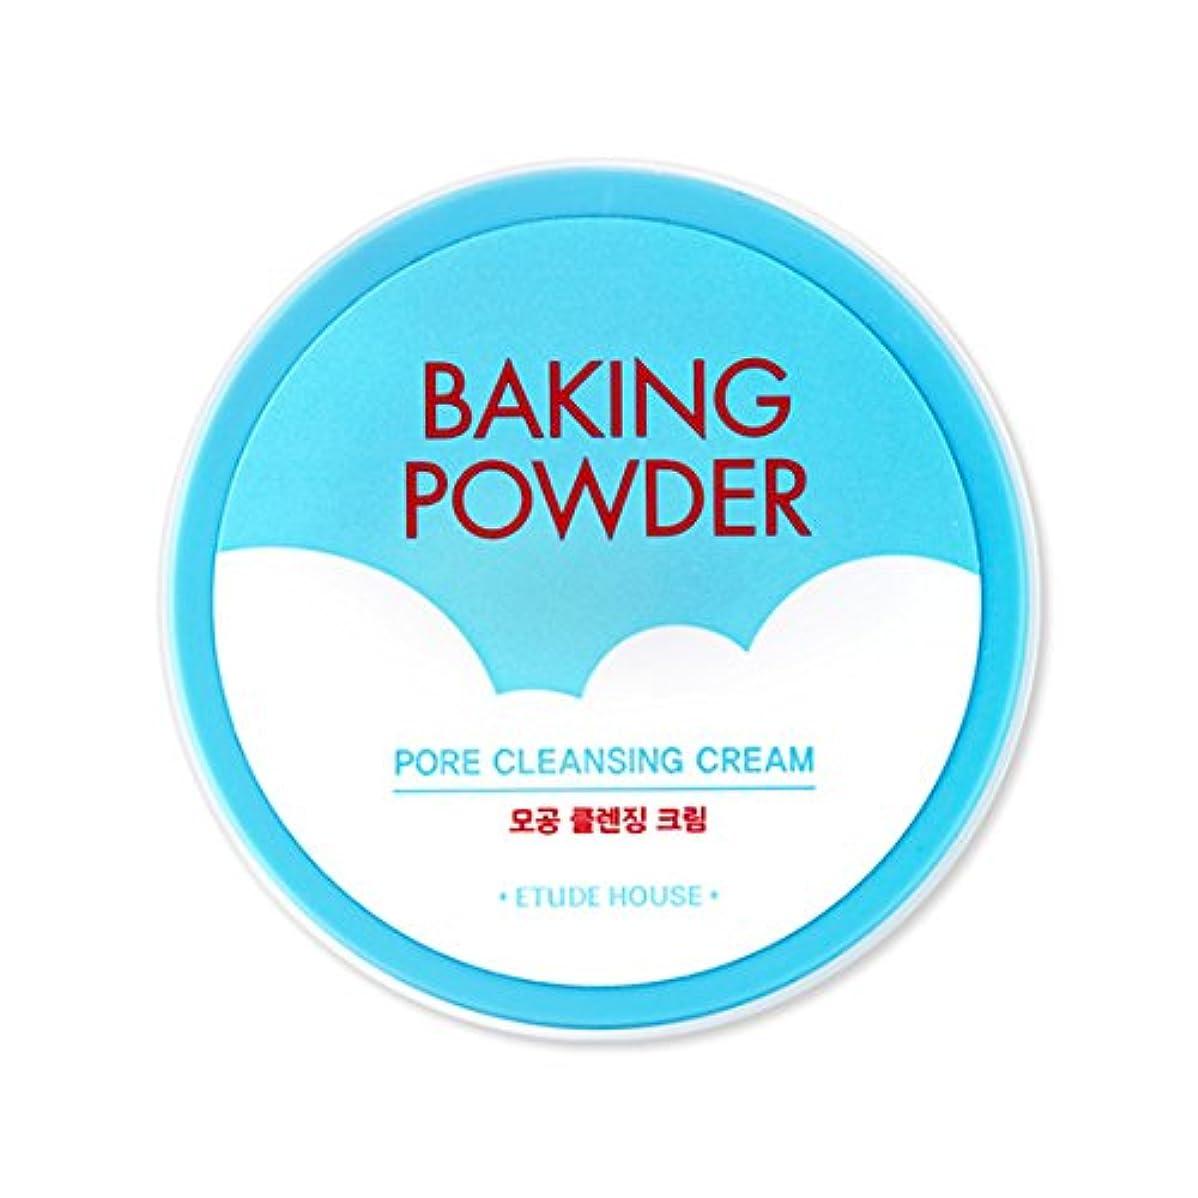 タール住居凍る[2016 Upgrade!] ETUDE HOUSE Baking Powder Pore Cleansing Cream 180ml/エチュードハウス ベーキング パウダー ポア クレンジング クリーム 180ml...